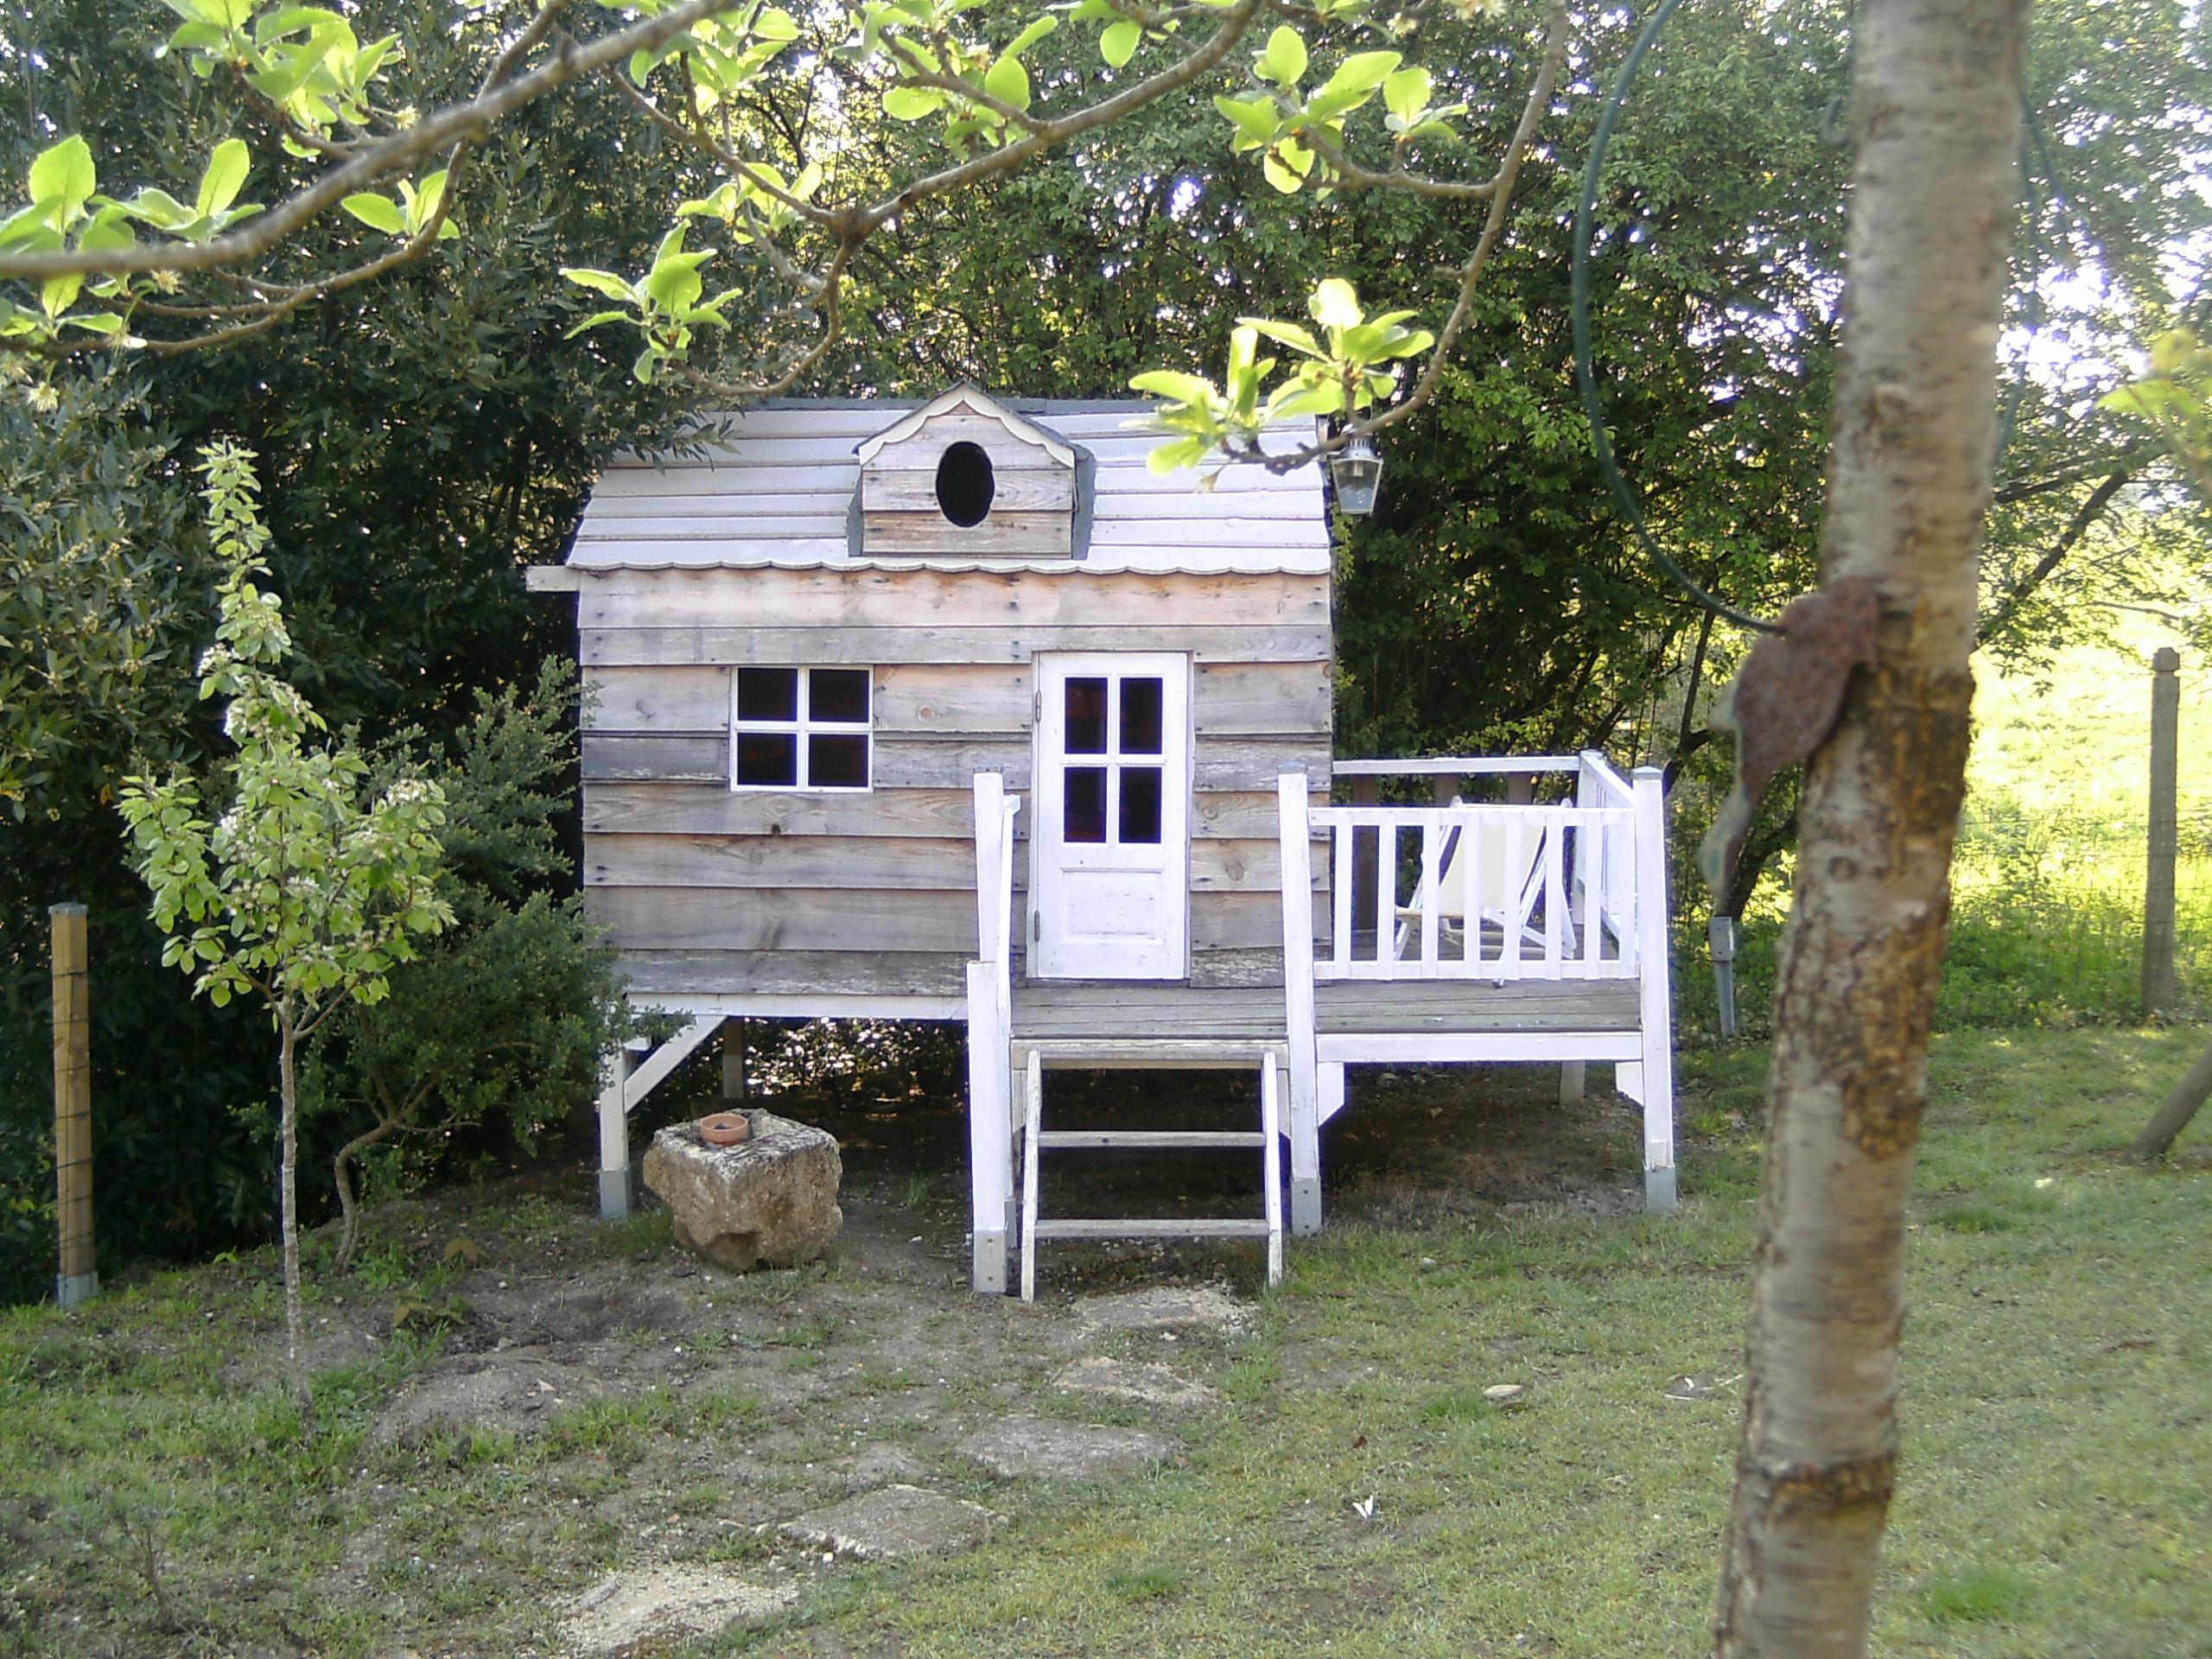 30 Cabanes Pour Les Enfants | Diaporama Photo dedans Maison De Jardin Pour Enfants